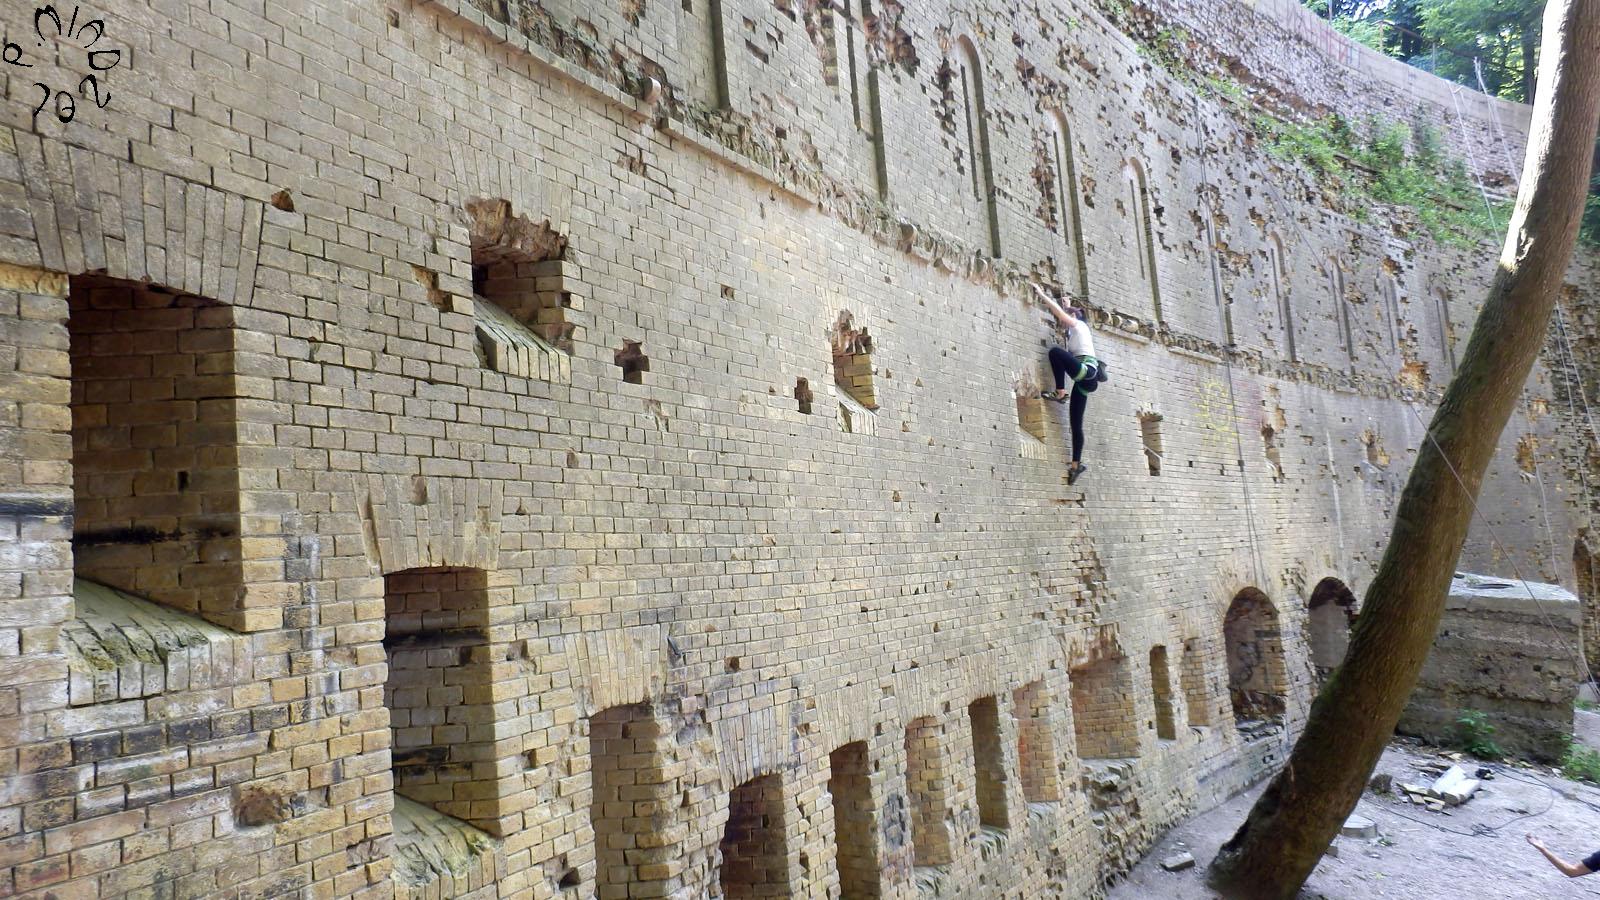 Festungsmauer in Kiew